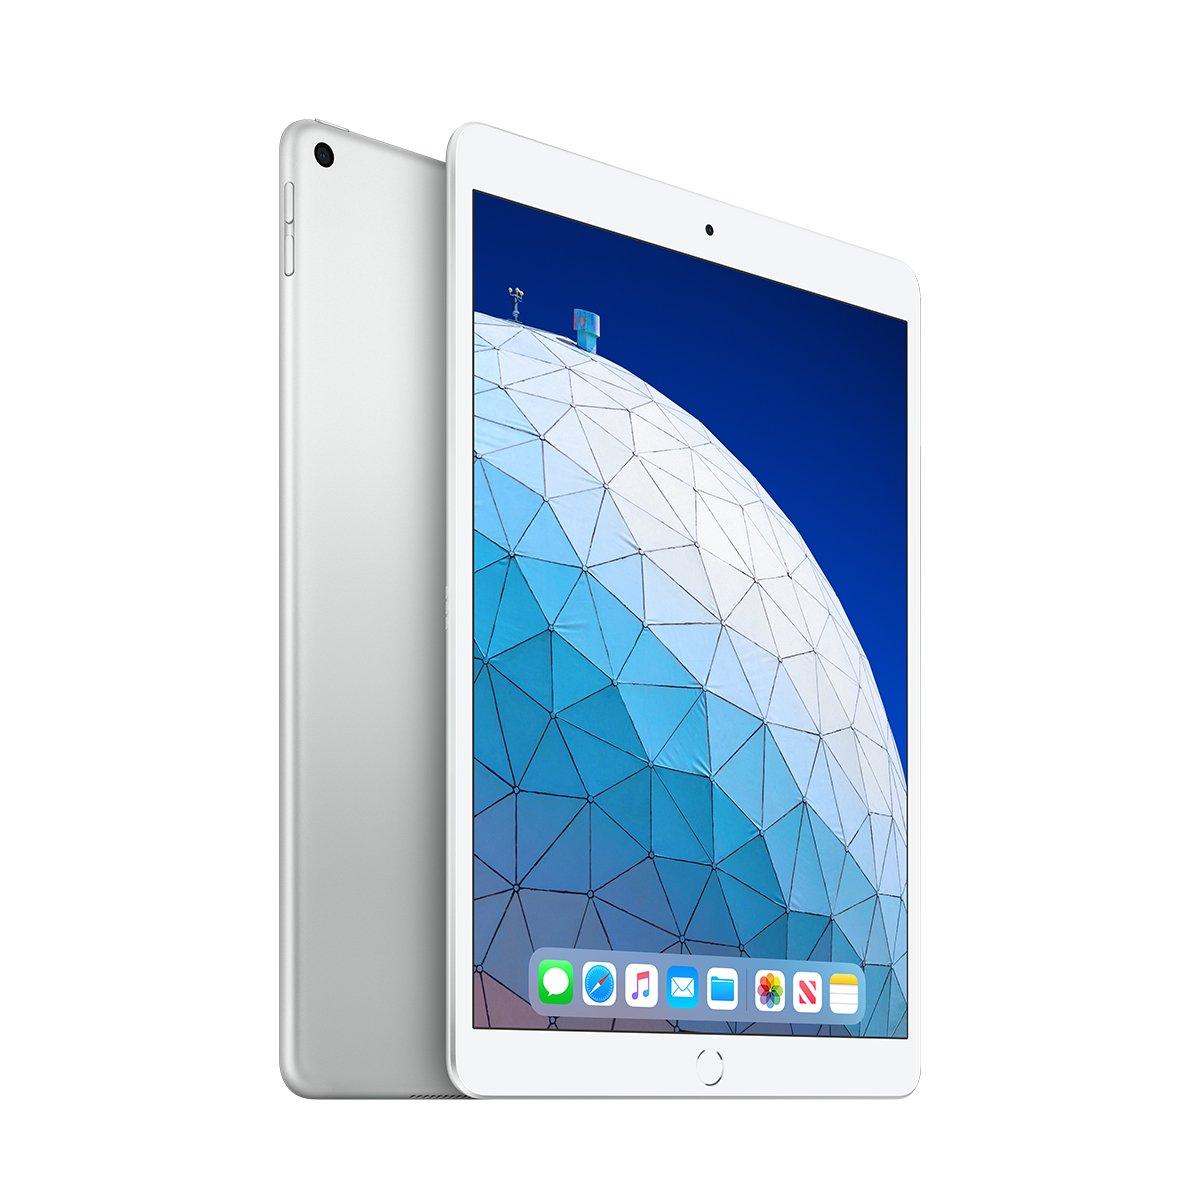 iPad Air3세대 256GB 실버 와이파이MUUR2KH/A, 단일상품